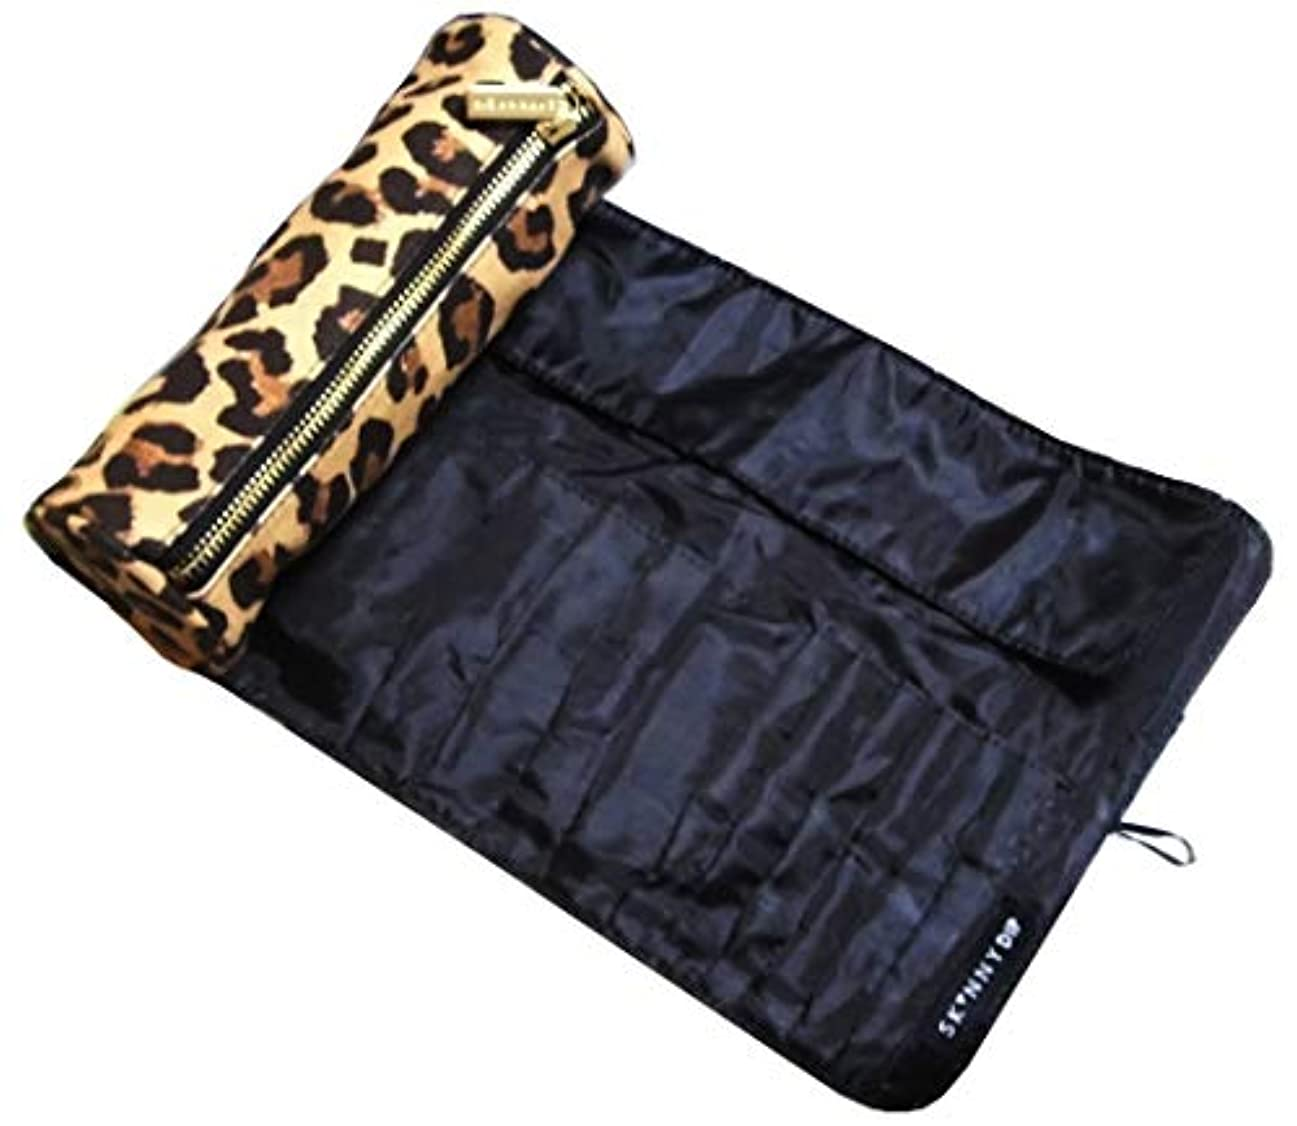 チチカカ湖光沢のある幽霊skinnydip メイクブラシケース ヒョウ柄 筒型 巻き leopard make up roll bag 化粧筆ケース